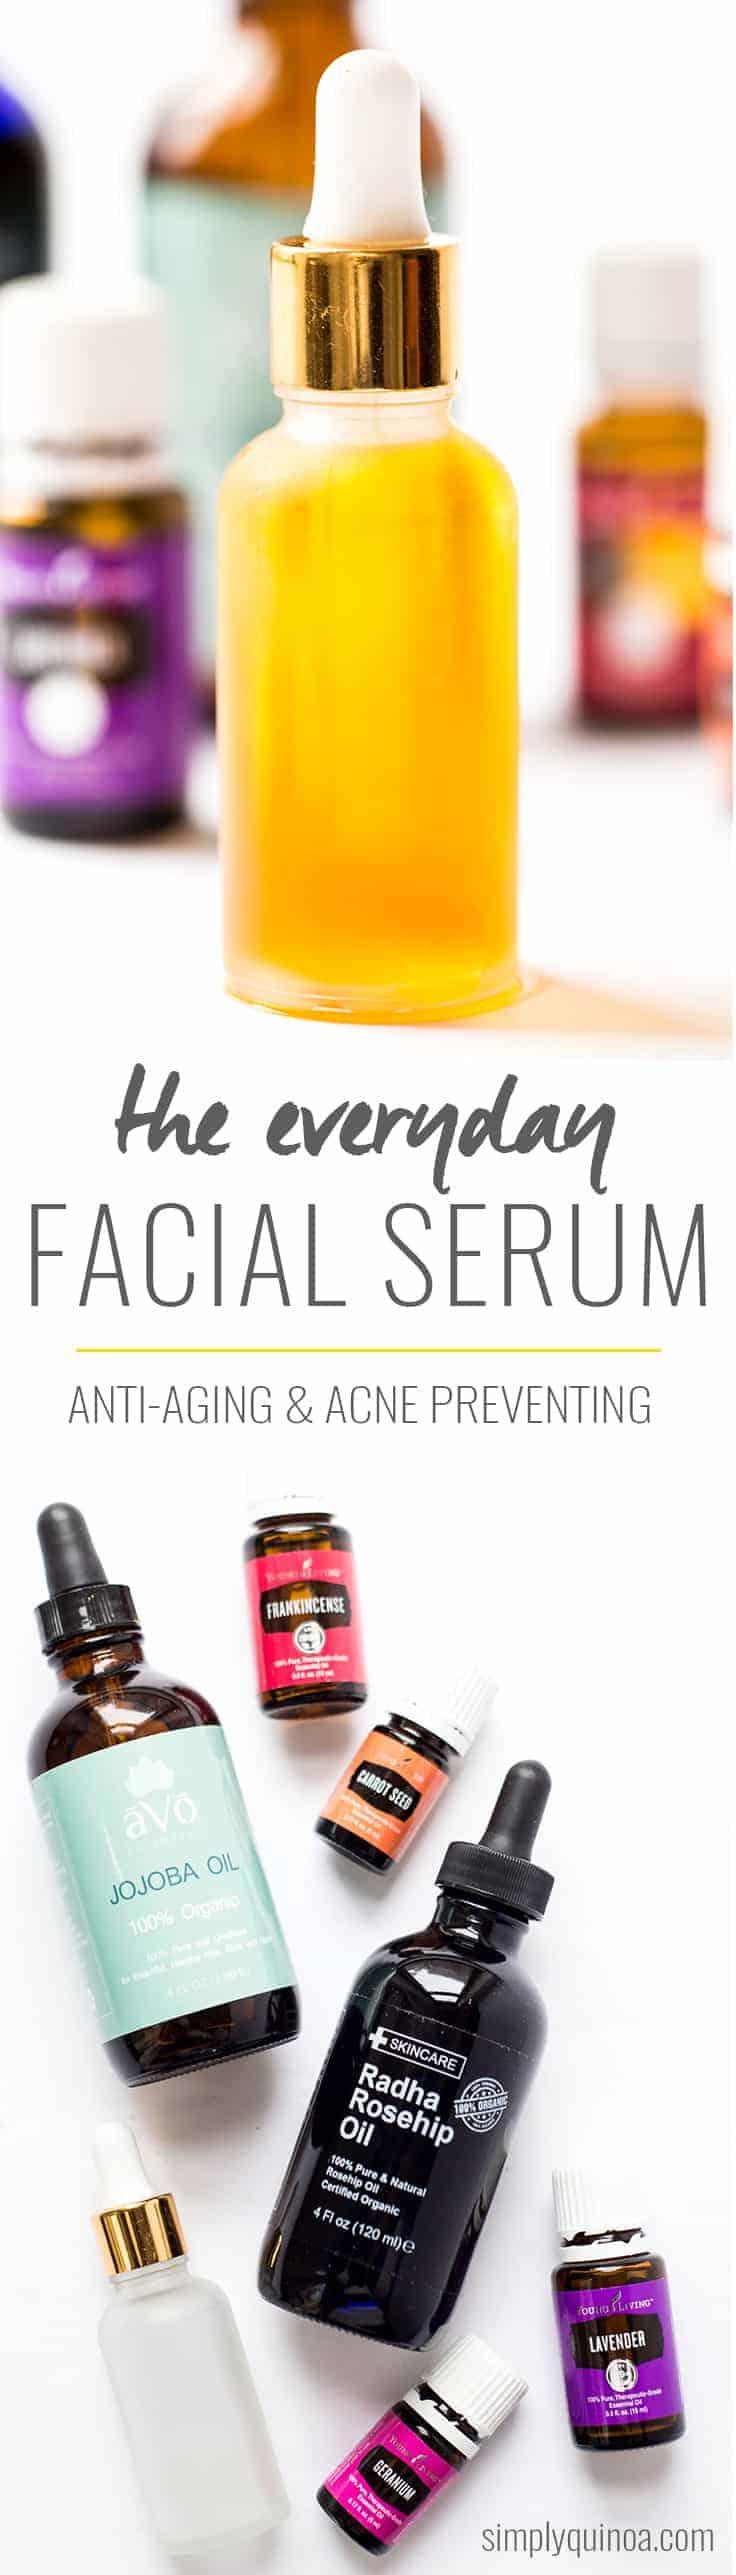 Everyday DIY Facial Serum - Simply Quinoa